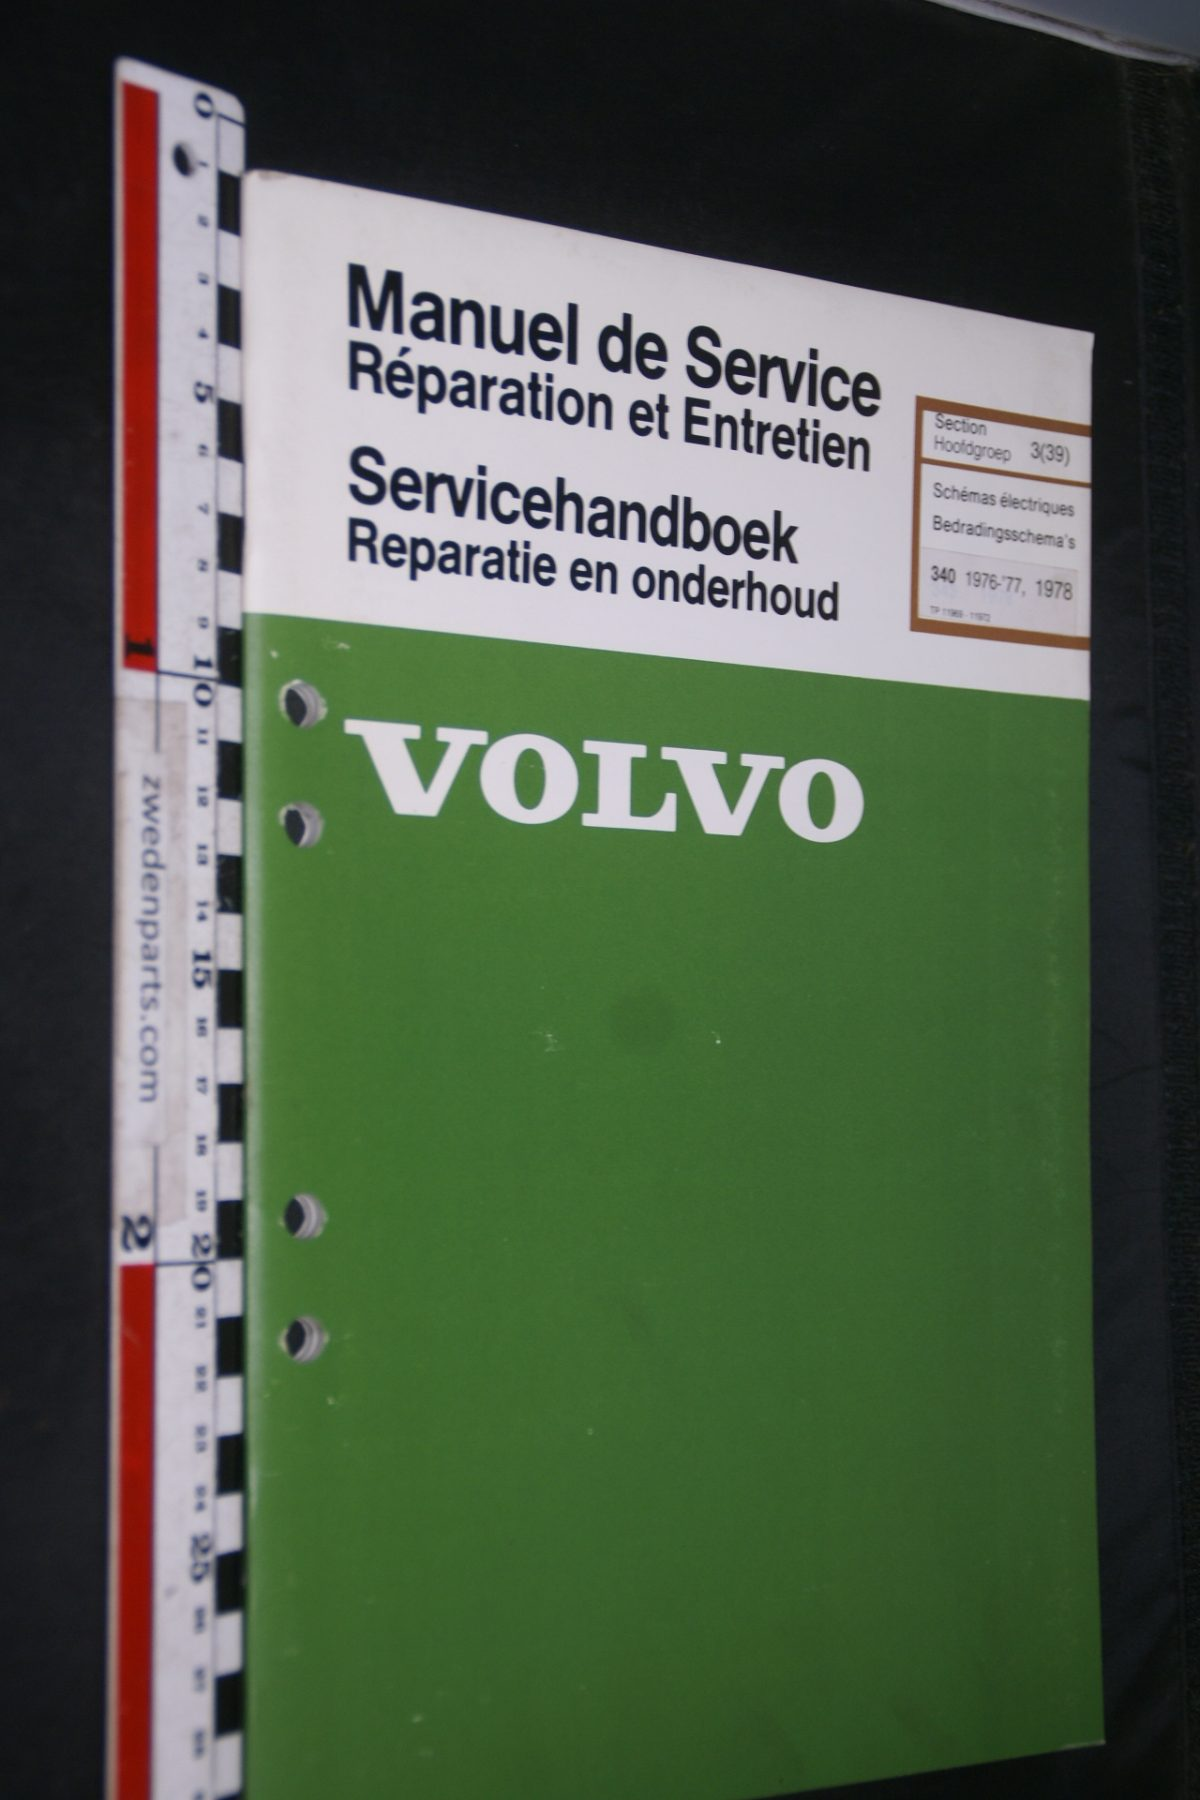 DSC06856 1977 origineel Volvo 343 servicehandboek 3(39) bedradingsschema 1 van 2300 TP 11969-1 Francais, Hollands